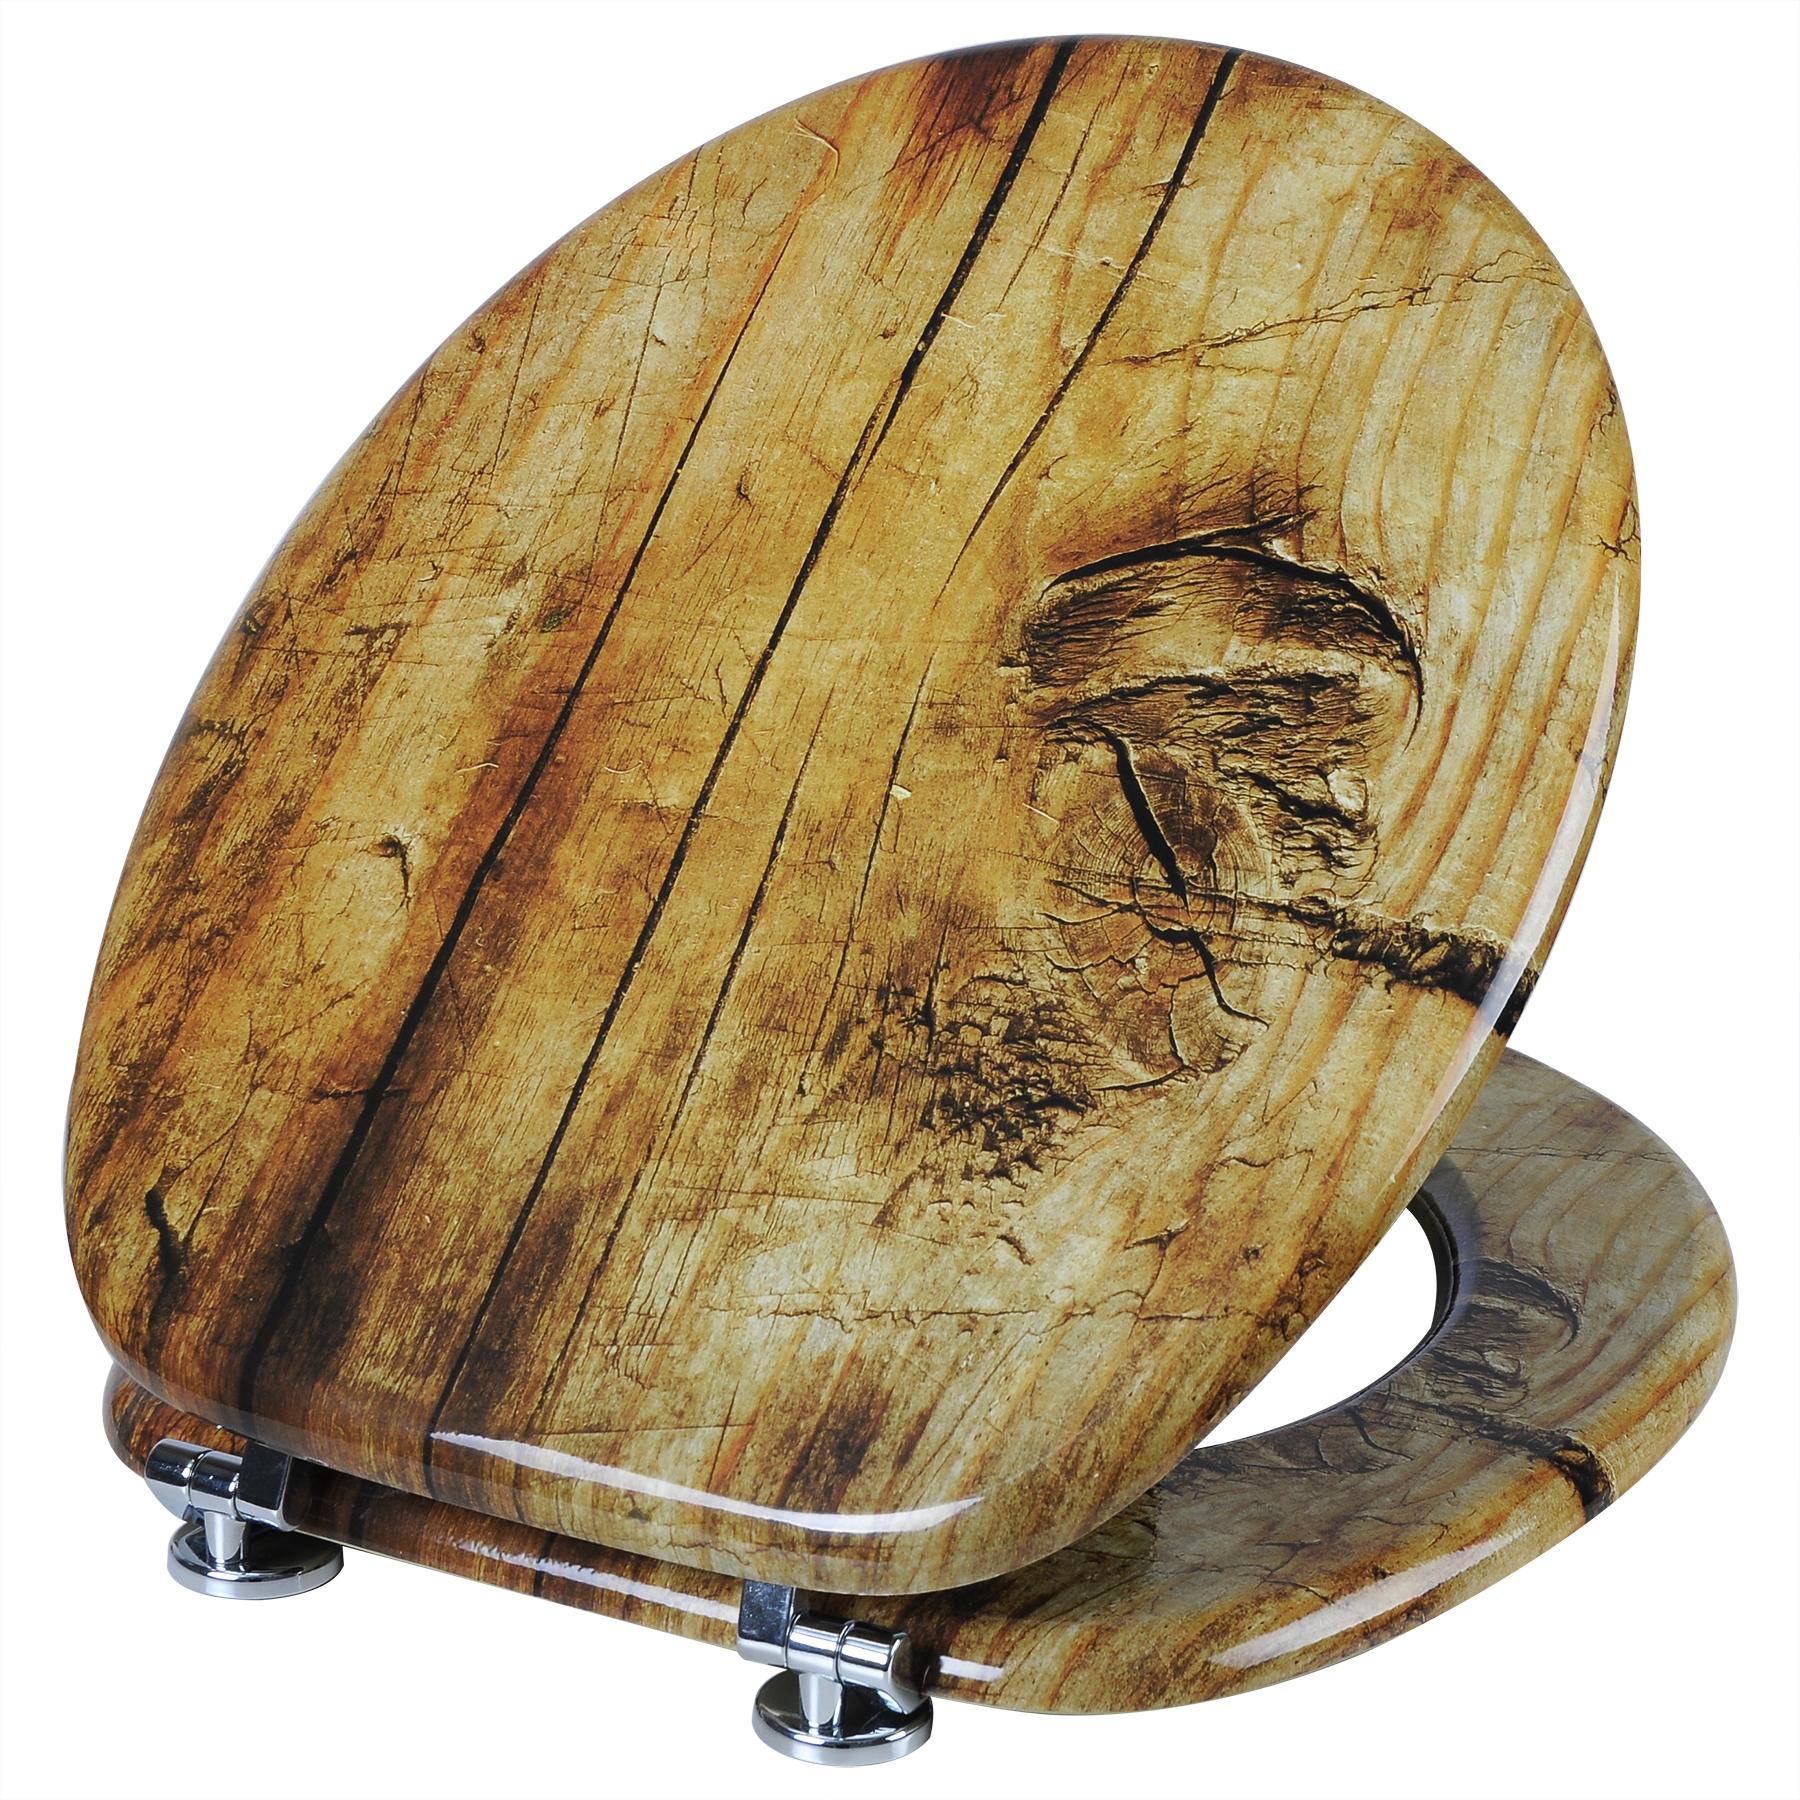 wc sitz toilettensitz klobrille klodeckel mdf holz toilettendeckel deckel ws2646 4250367033463. Black Bedroom Furniture Sets. Home Design Ideas